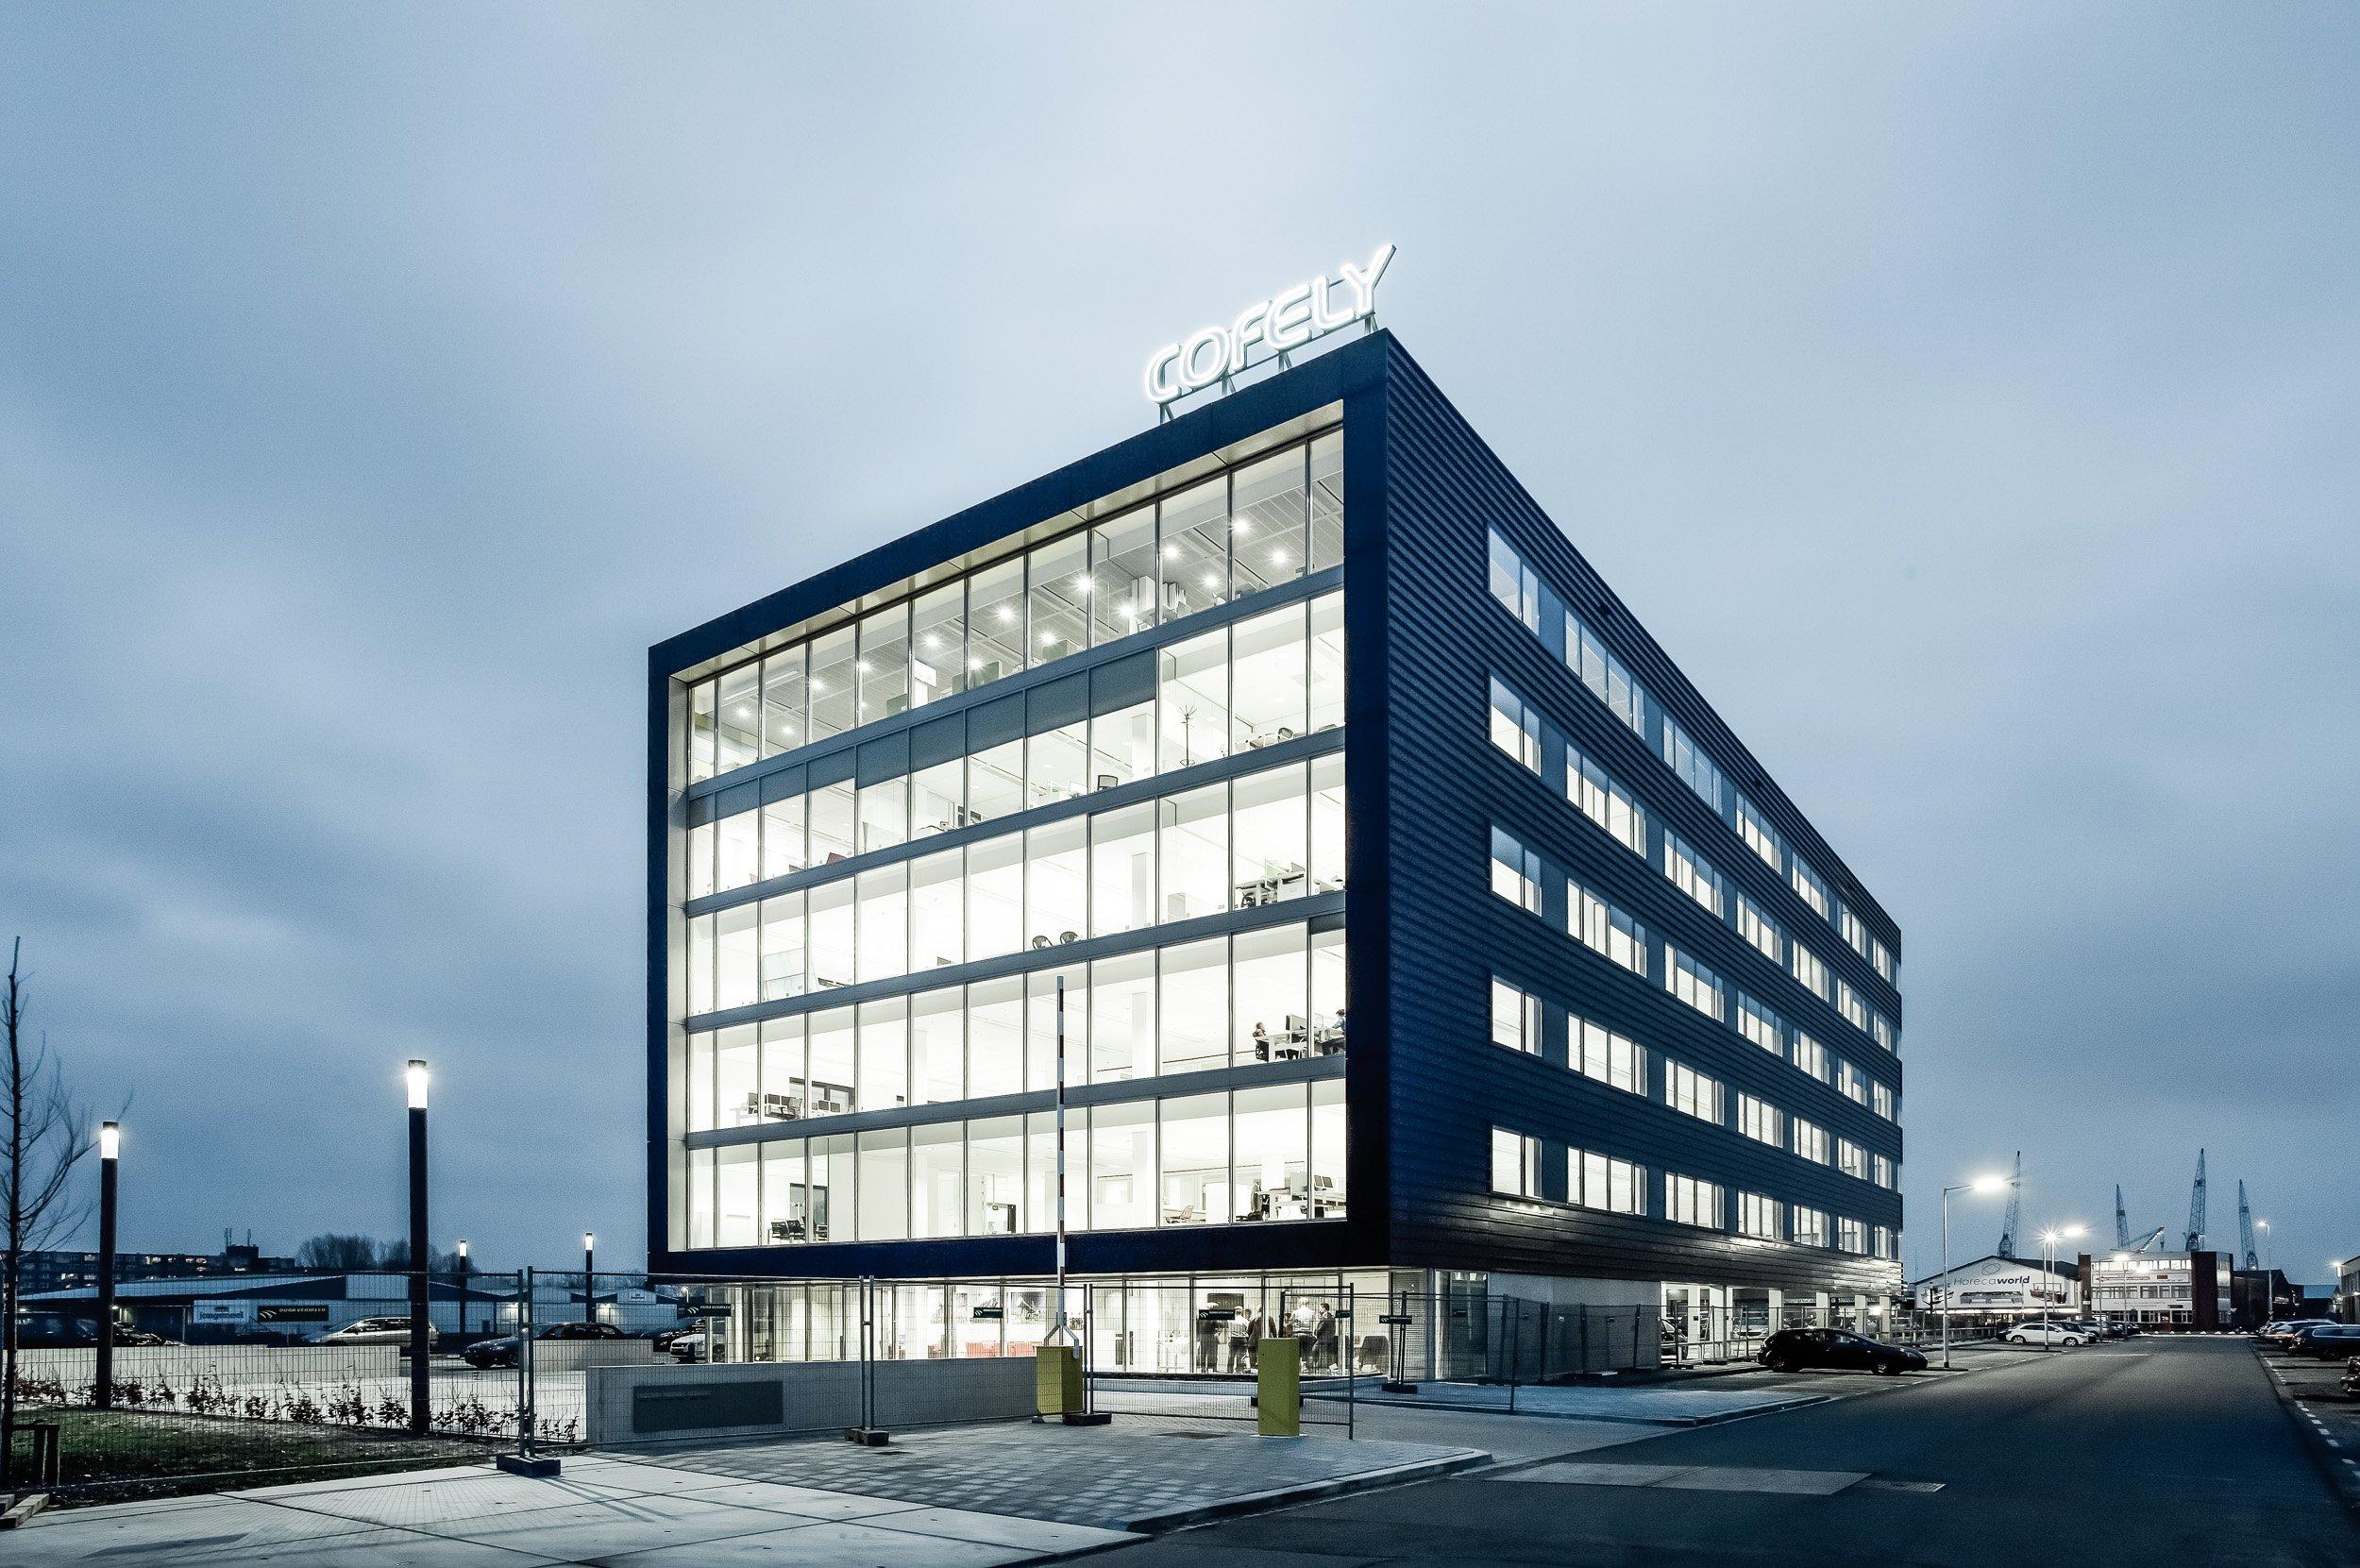 Willingestraat Rotterdam - Außenansicht gesamtes Gebäude